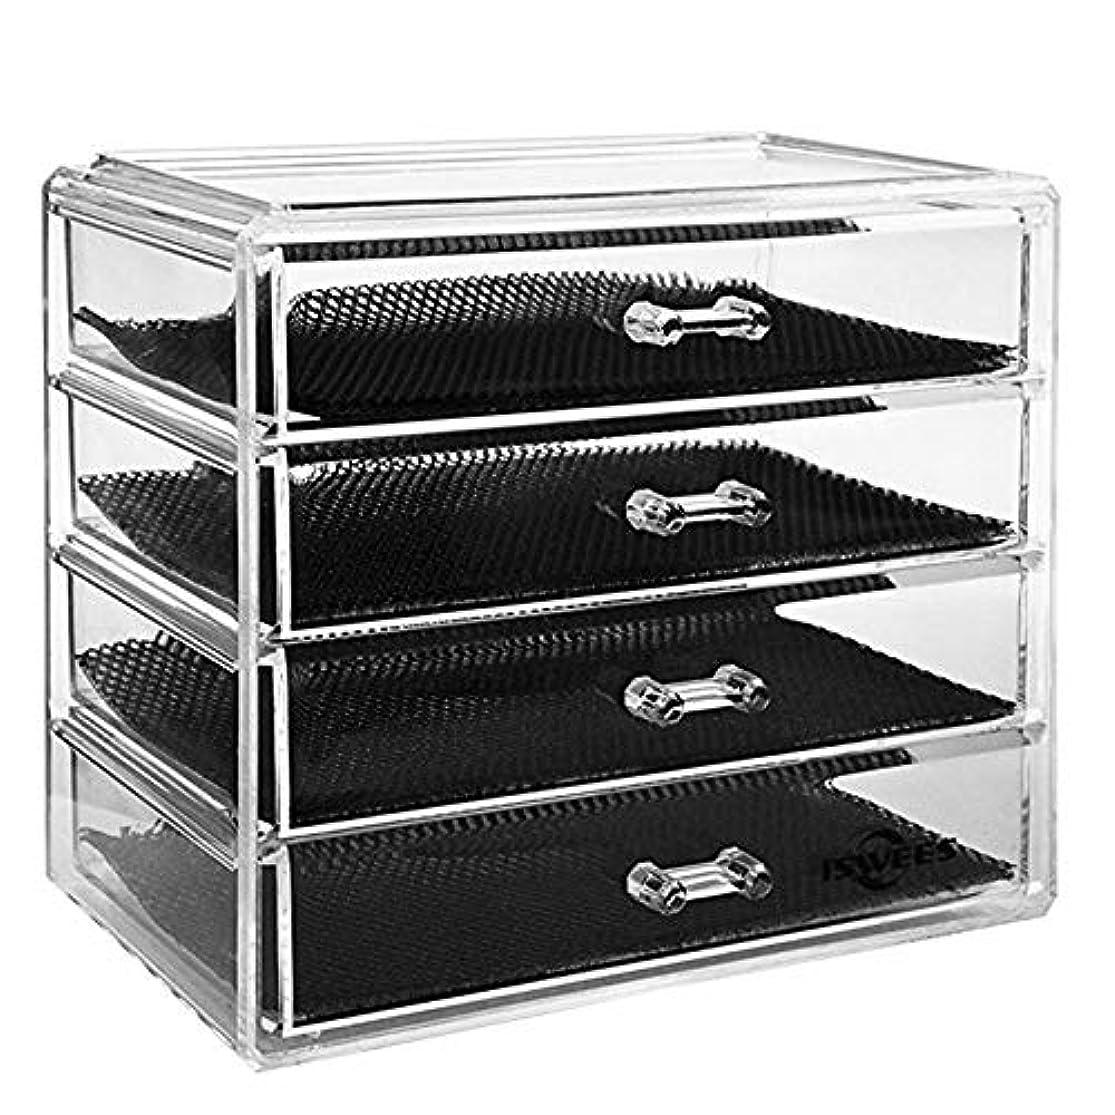 すき類推集計メイクボックス 引き出し 4段 アクリル コスメ収納ボックス 化粧品収納ボックス アクセサリー収納 小物収納 透明